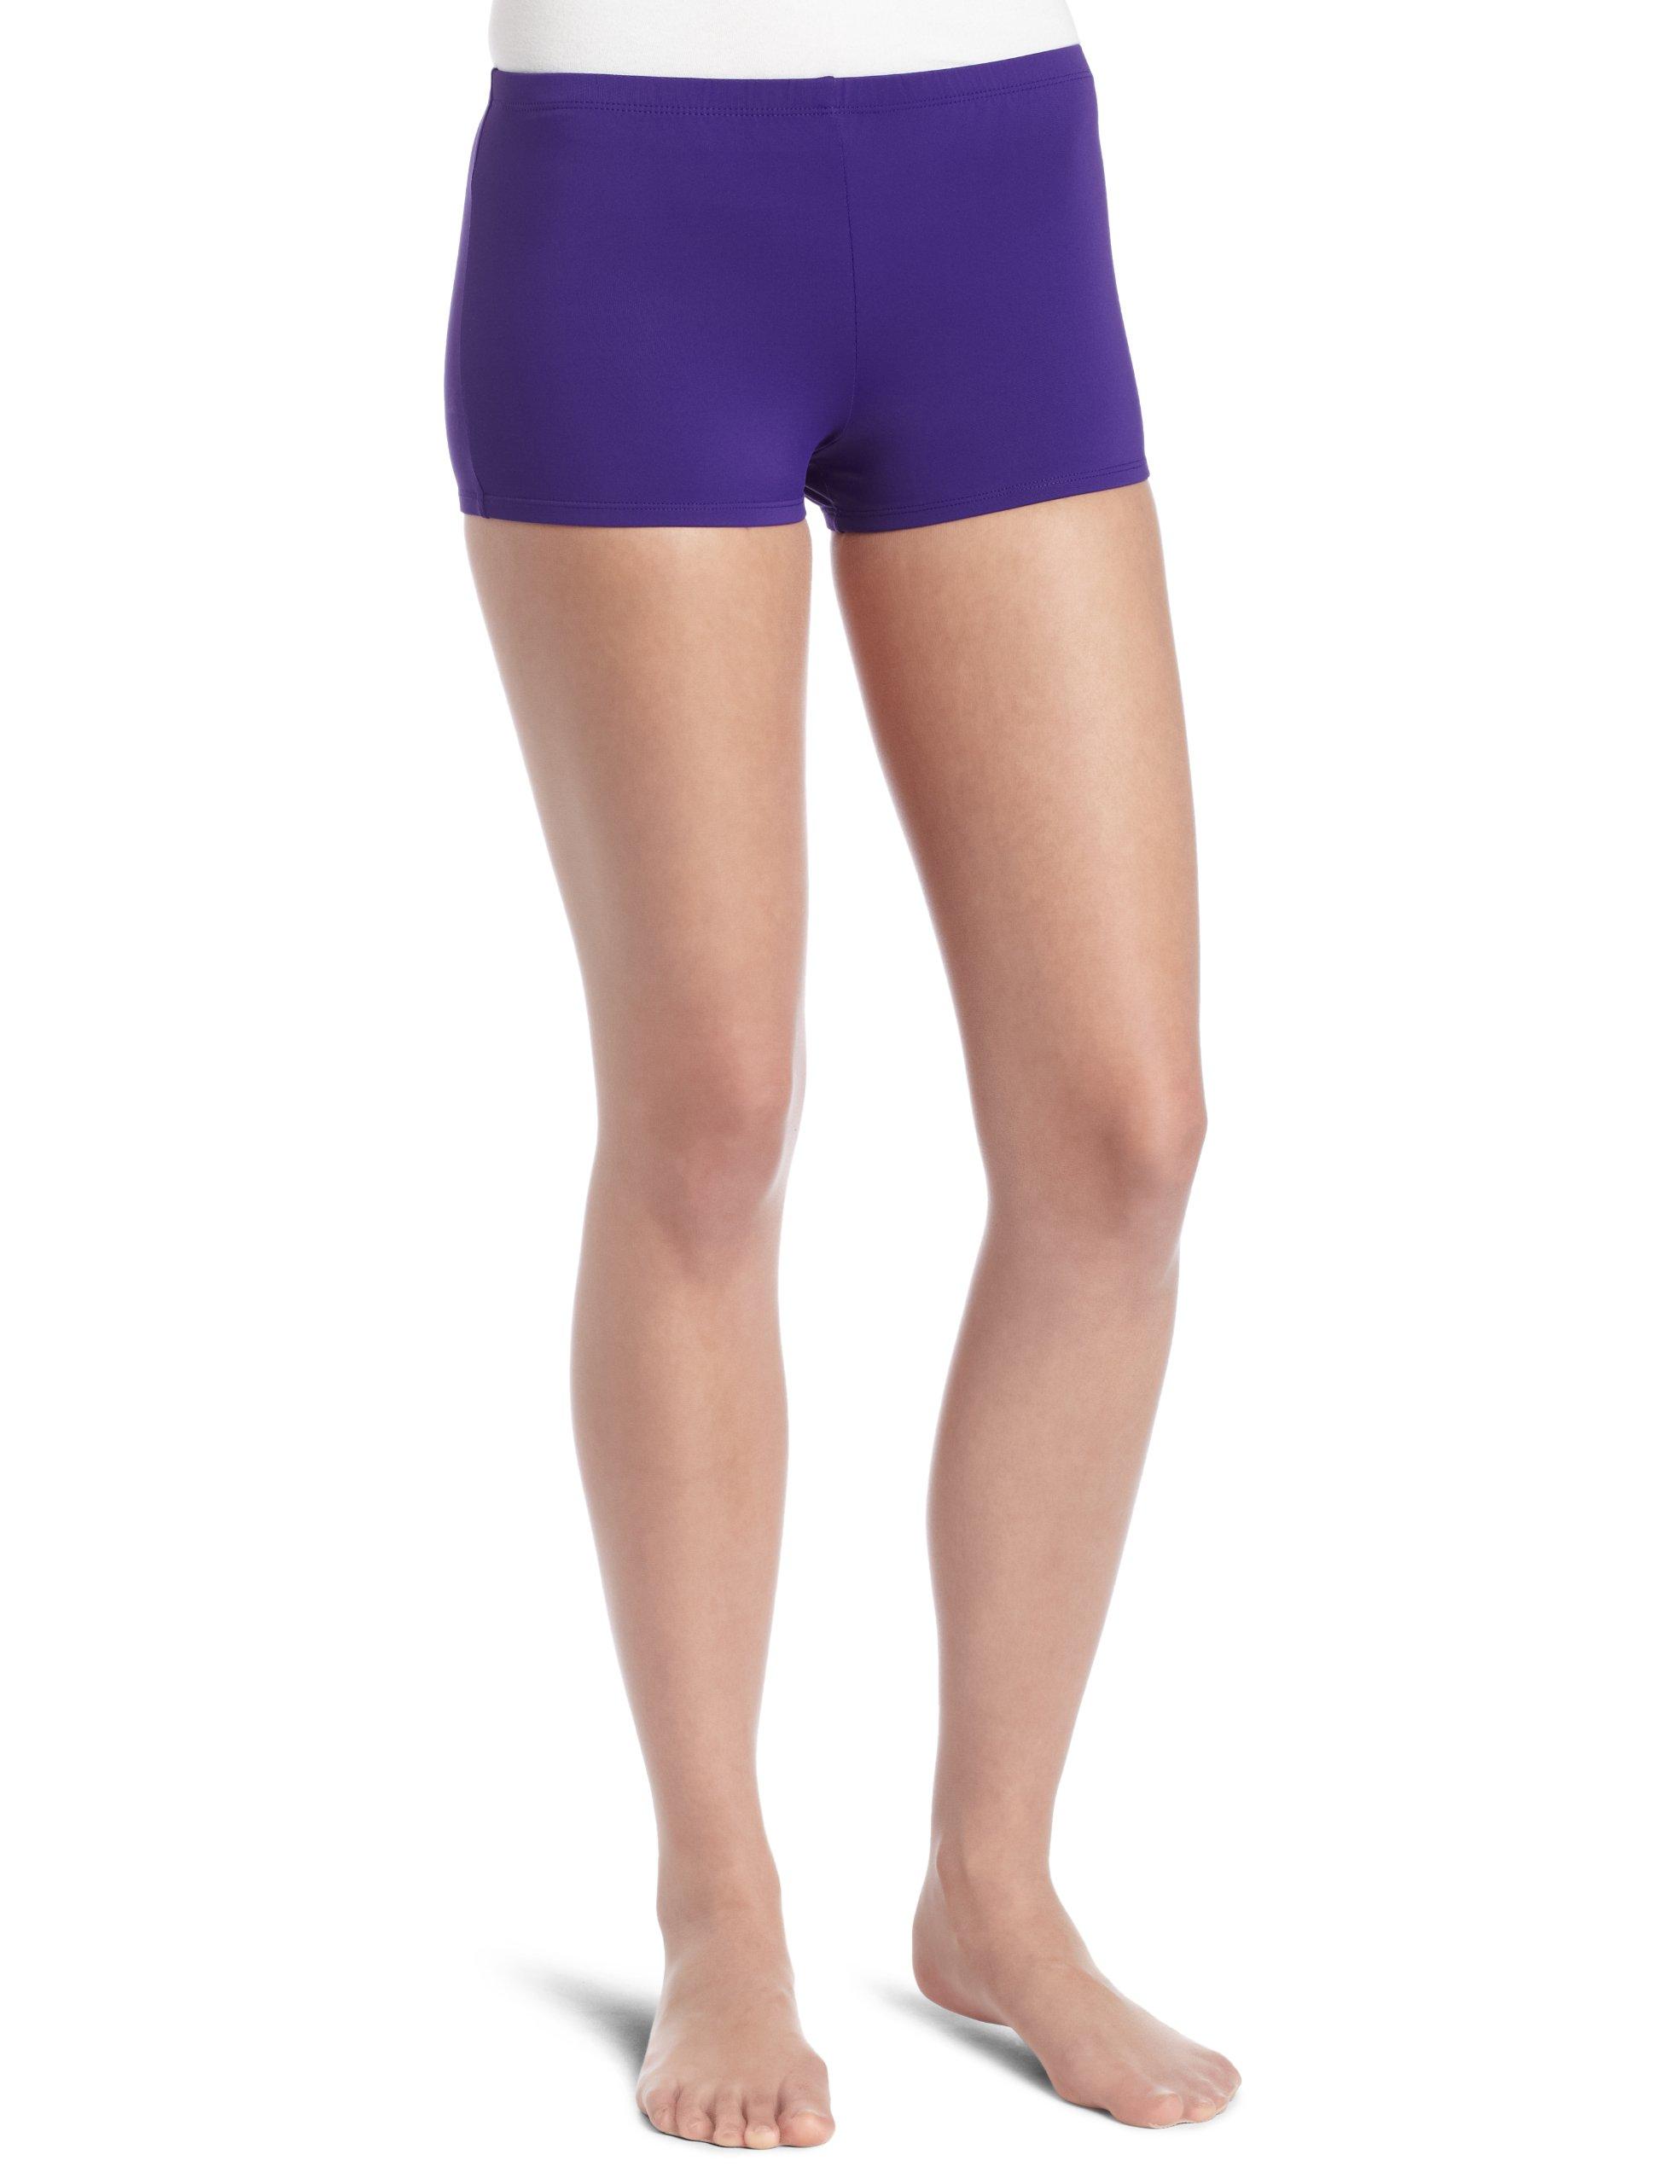 Danskin Women's Boy Cut Short, Purple, Large